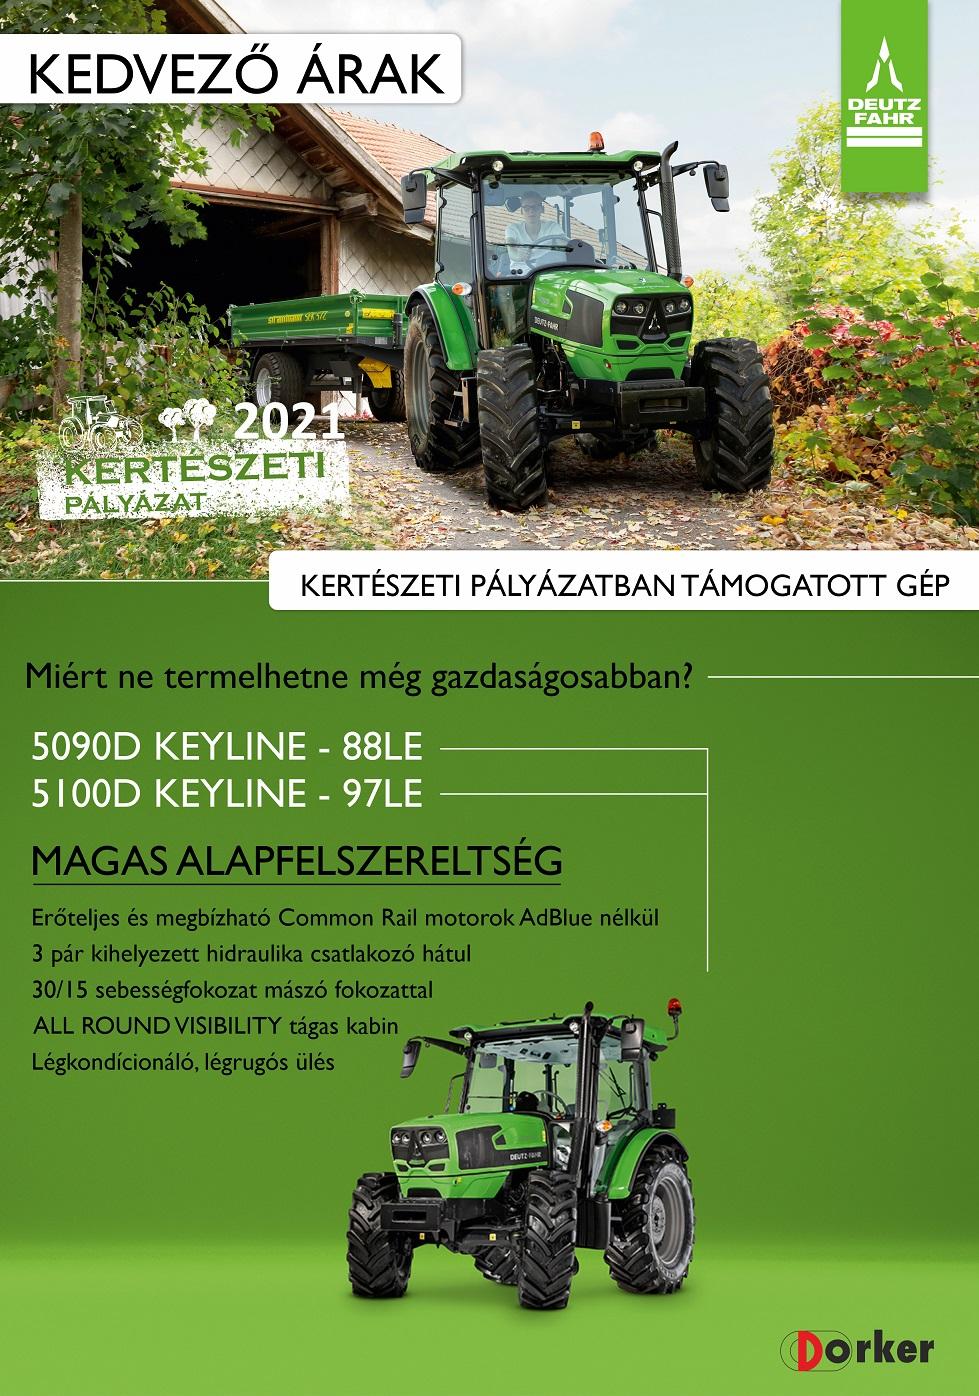 DF 5 D keyline kertészeti.jpg